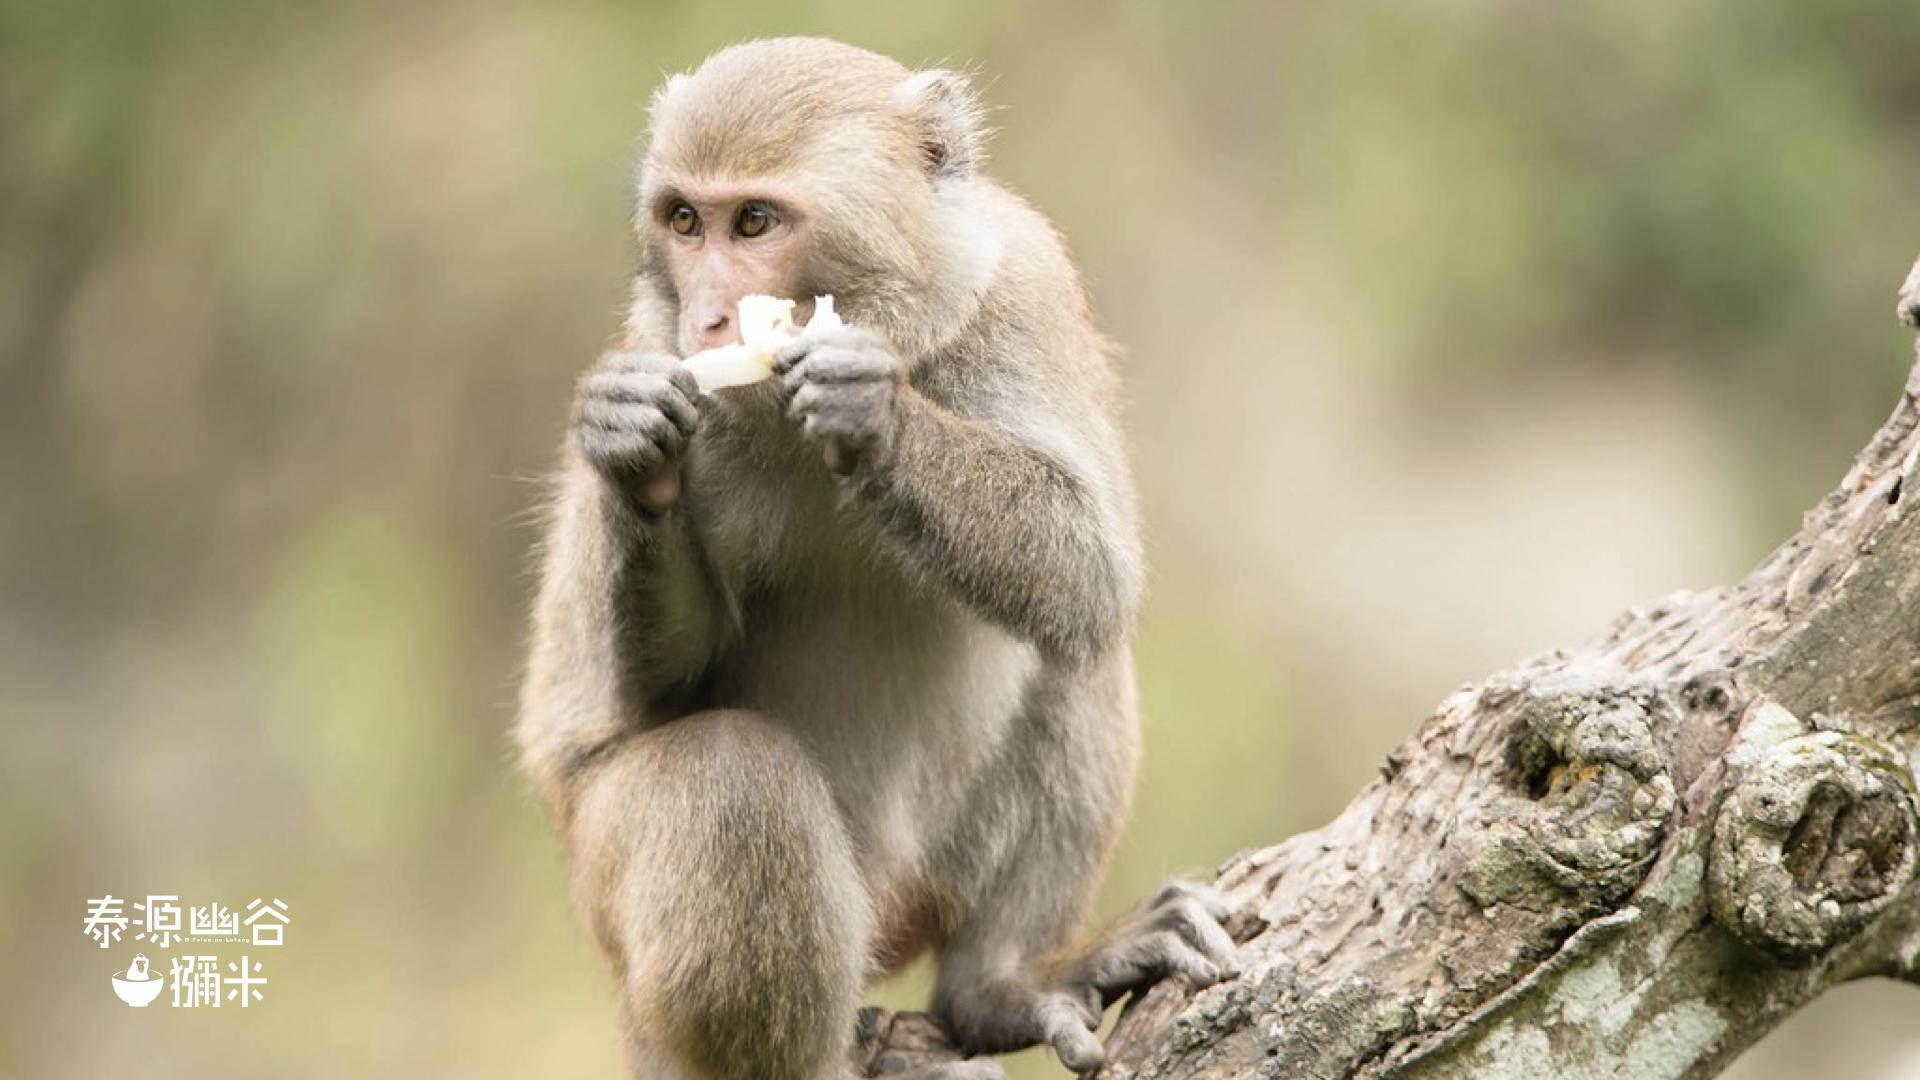 泰源幽谷獼米的獼猴偷吃米的樣子